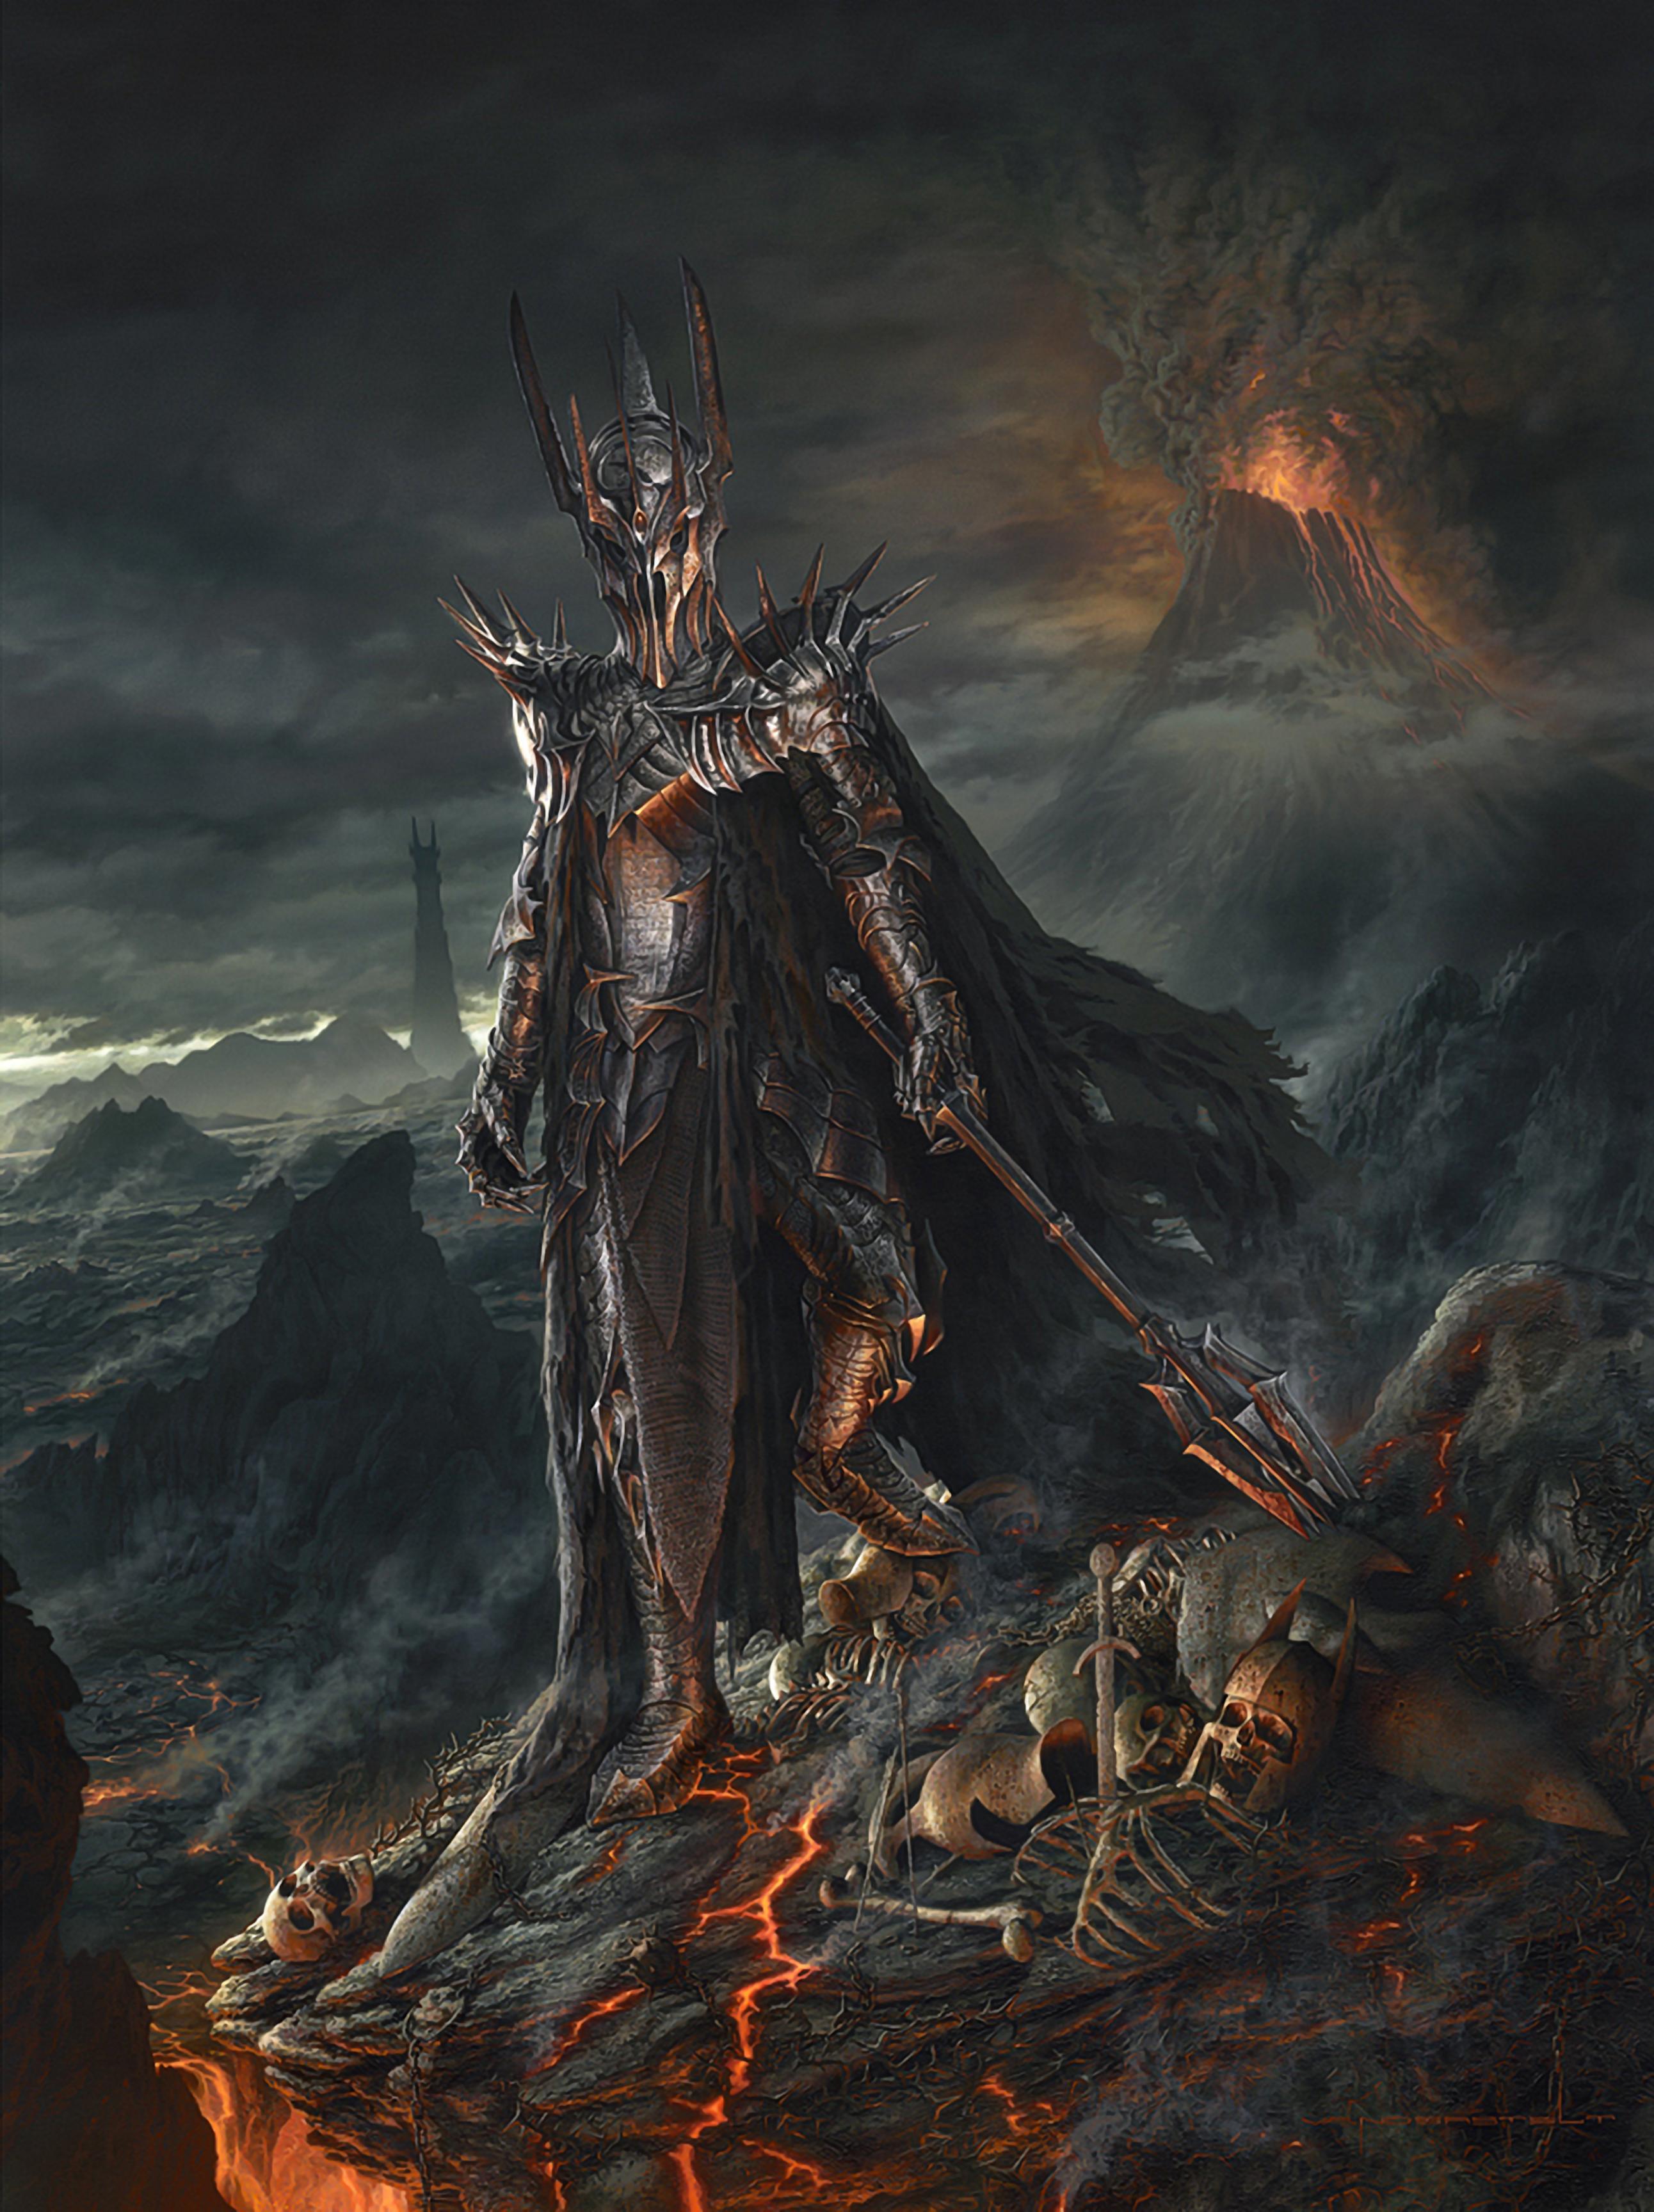 The Dark Lord Sauron - Vanderstelt